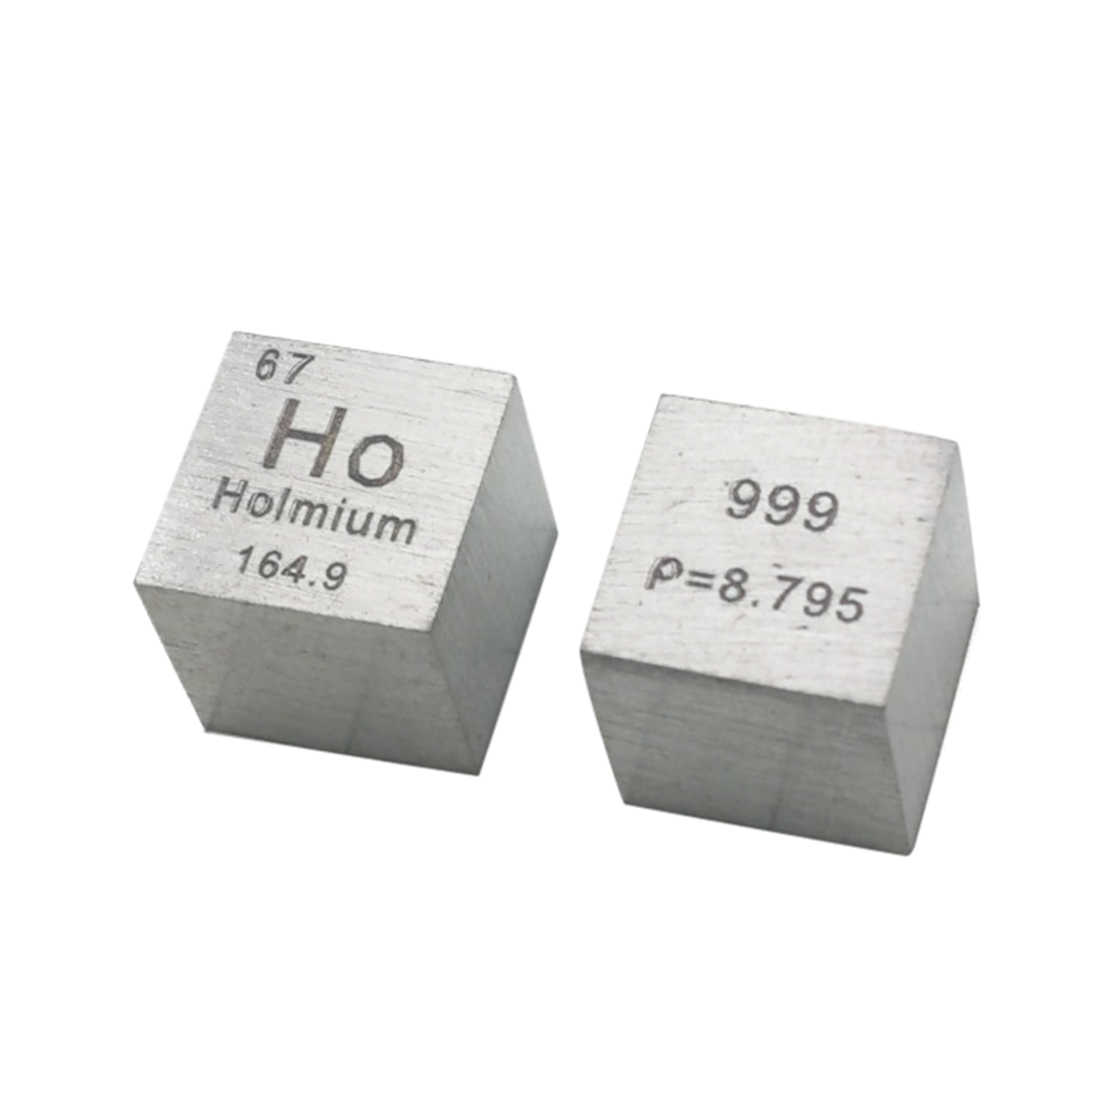 10X10X10 мм проволочный металлический кубик Holmium редкоземельные элементы кубик, таблица элементов кубика (Ho≥99. 9%) для исследований